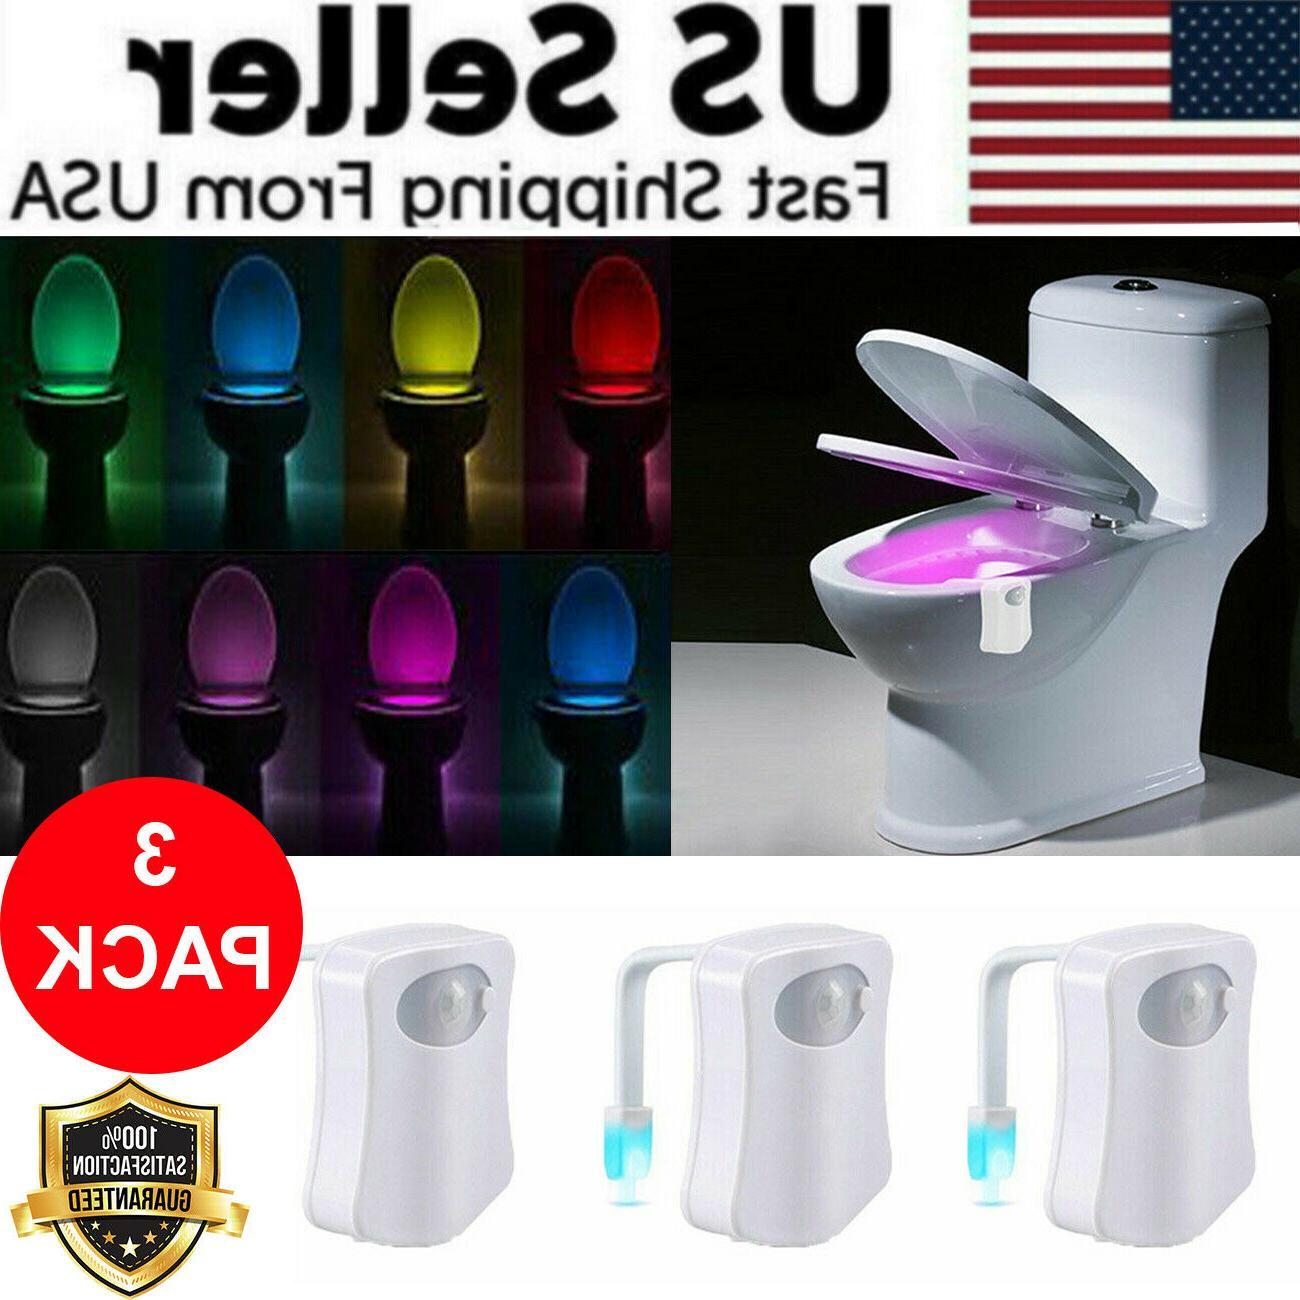 3 pcs toilet night light led motion